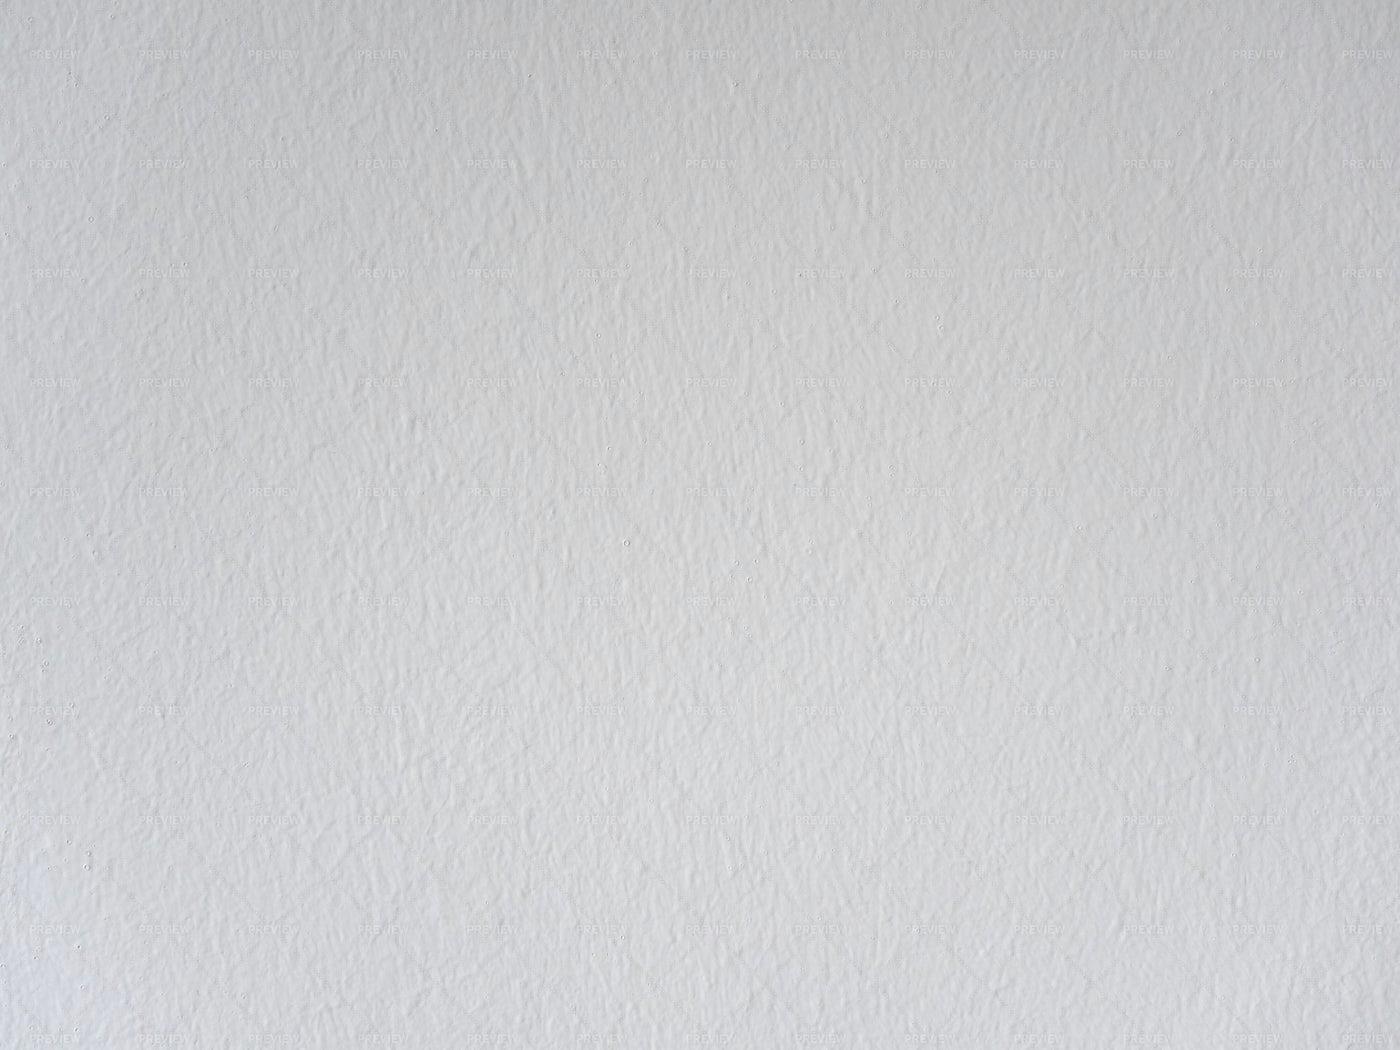 White Plaster Wall Texture: Stock Photos